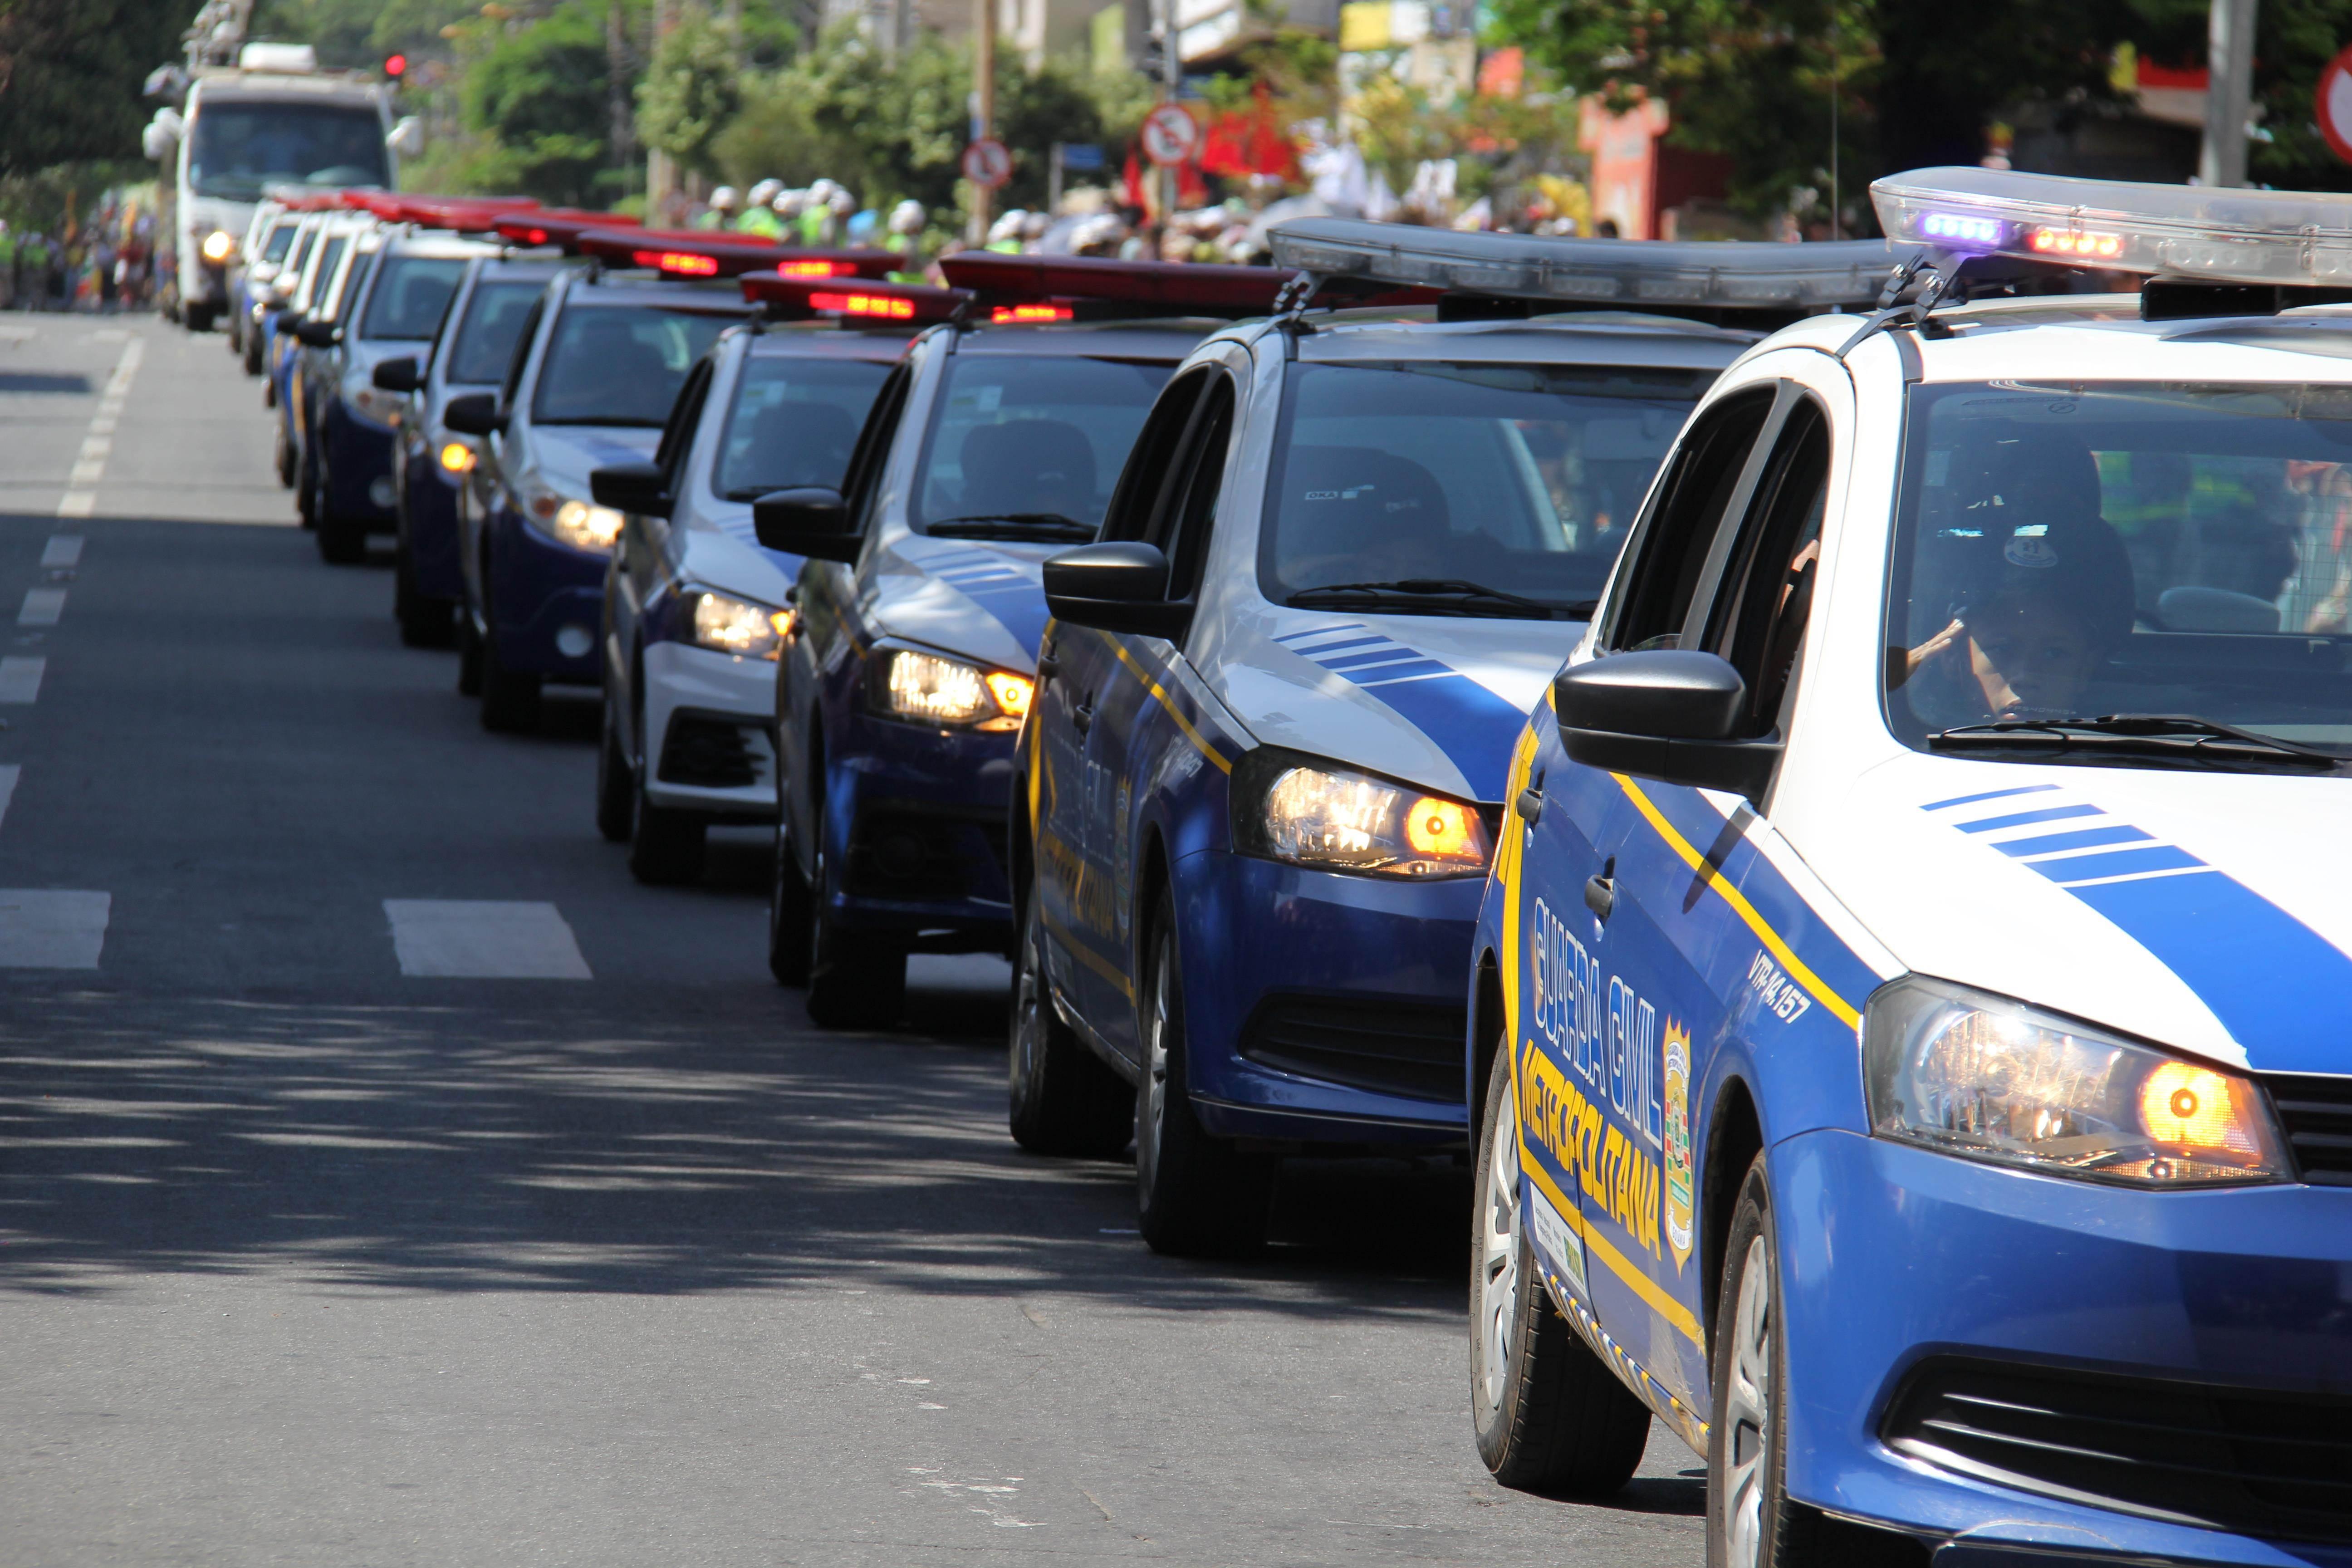 Guarda Municipal à procura de identidade própria   Foto: Cecílio Alves